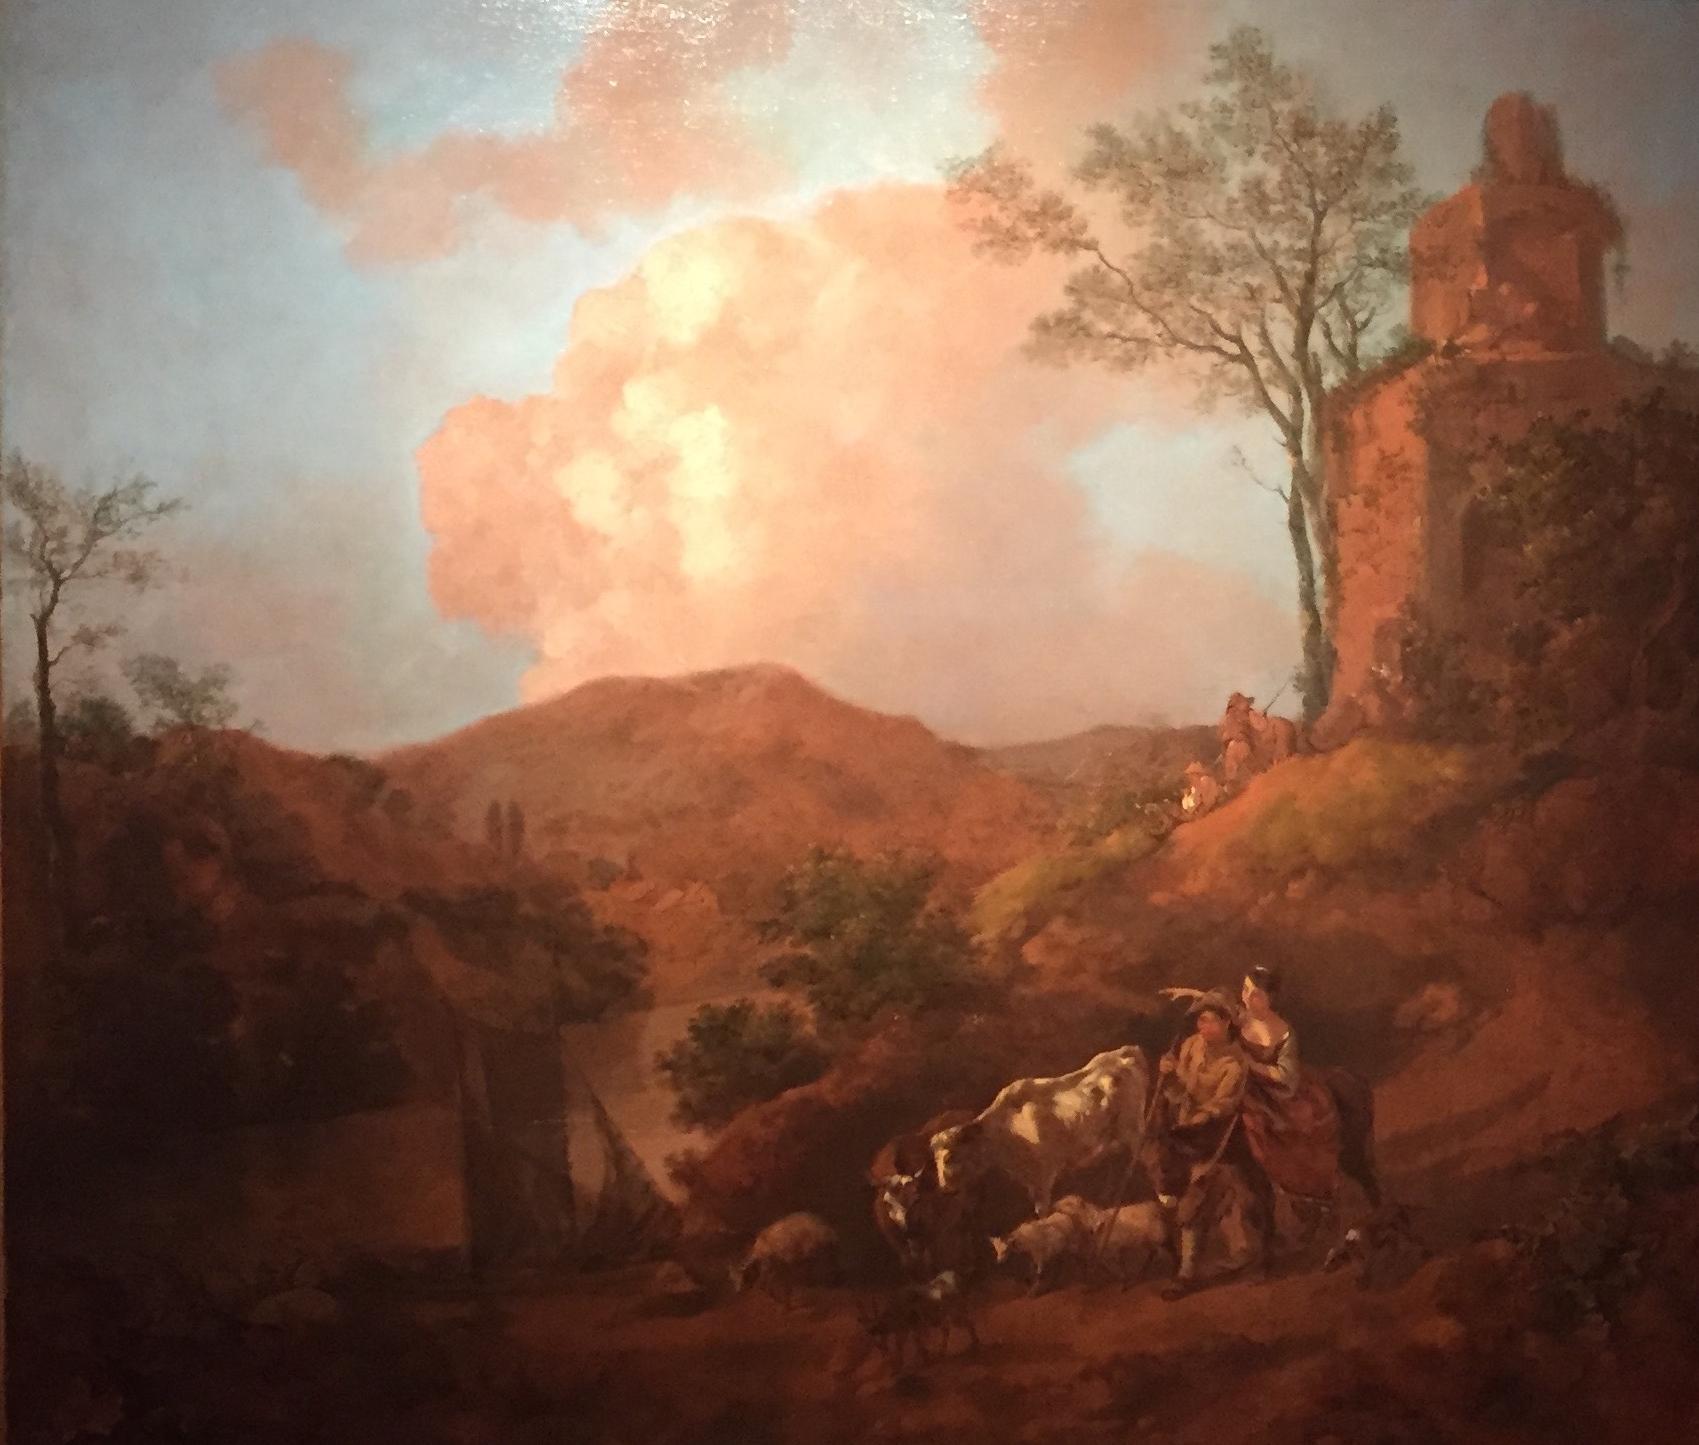 Thomas Gainsborough R.A (1727-1788) Mountainous River Landscape